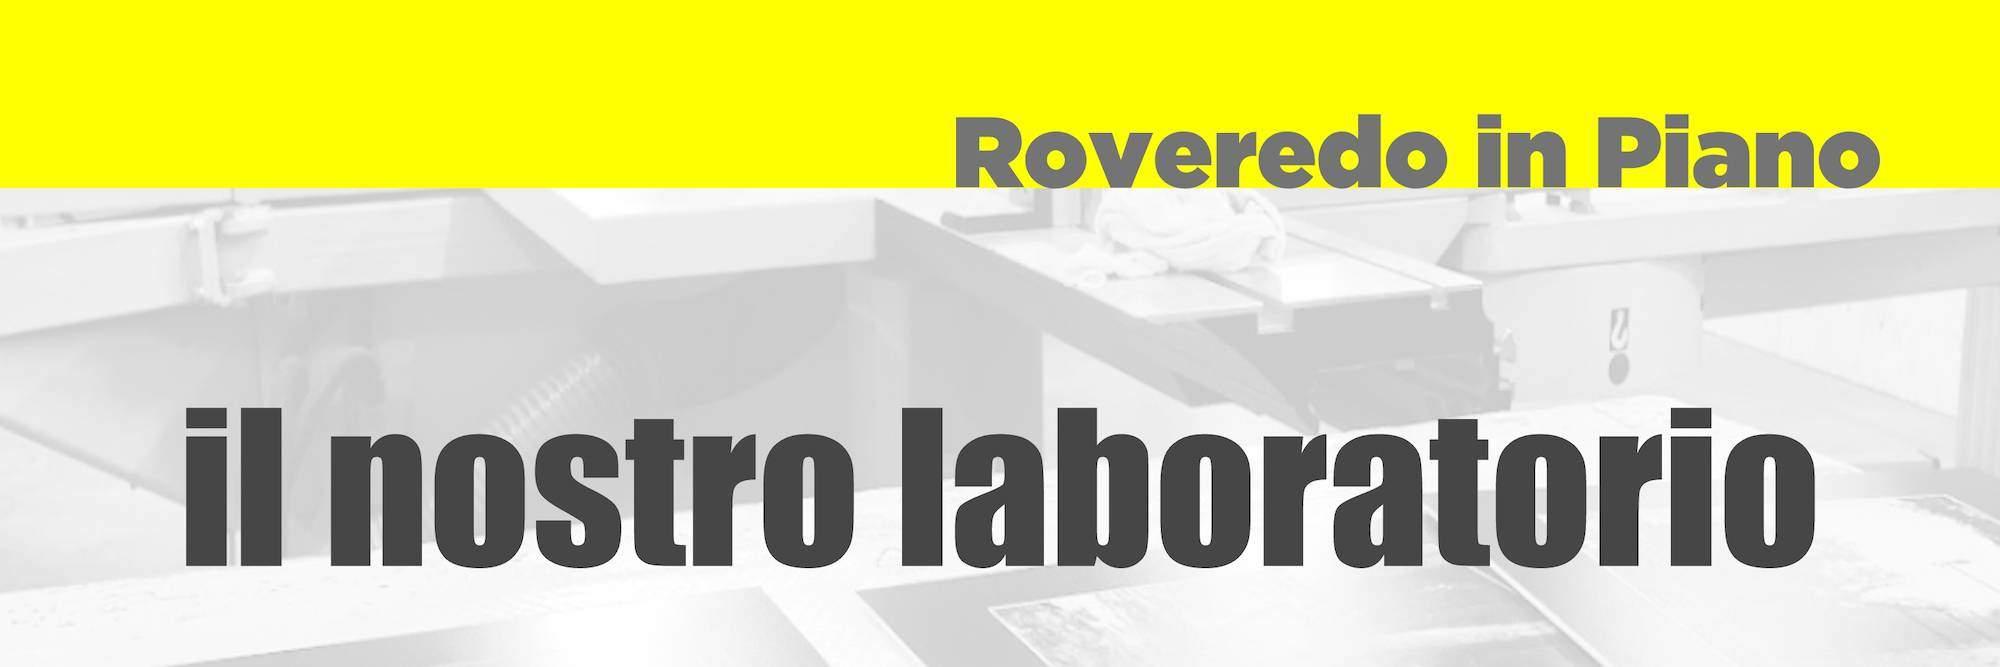 laboratorio_istantidigitali_01 2